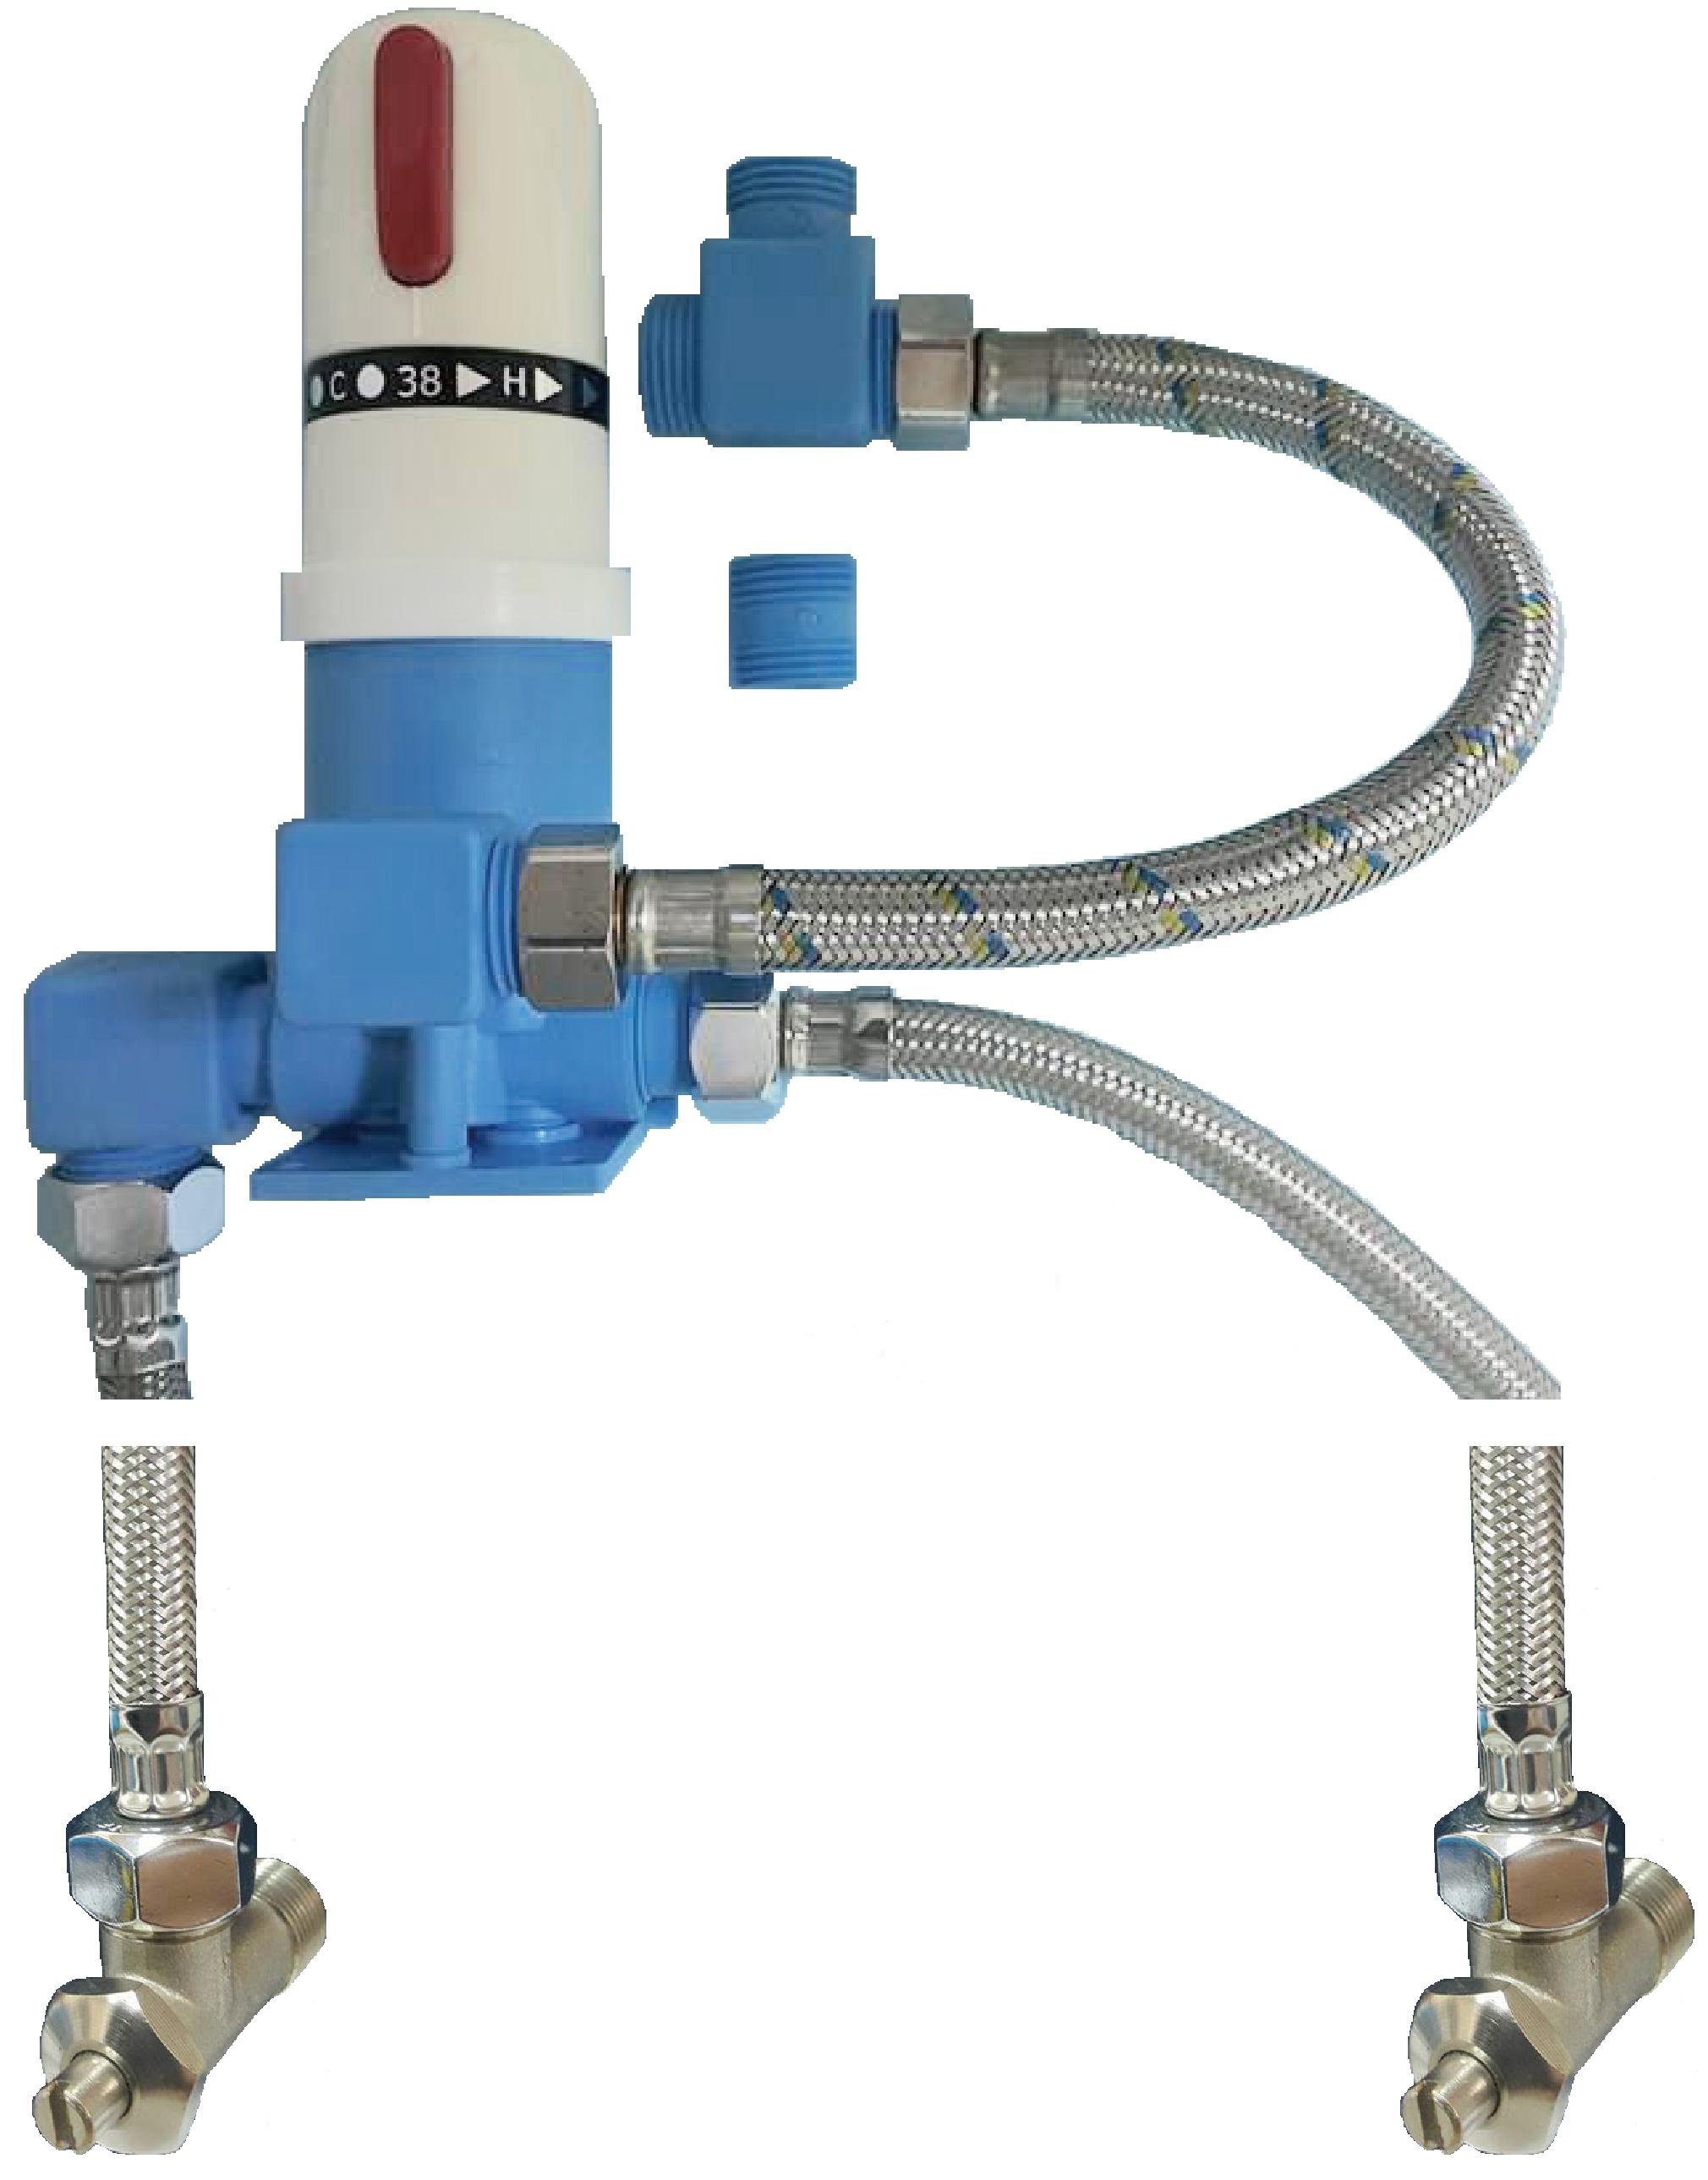 廚房水龍頭溫度控制器-華茂興業有限公司